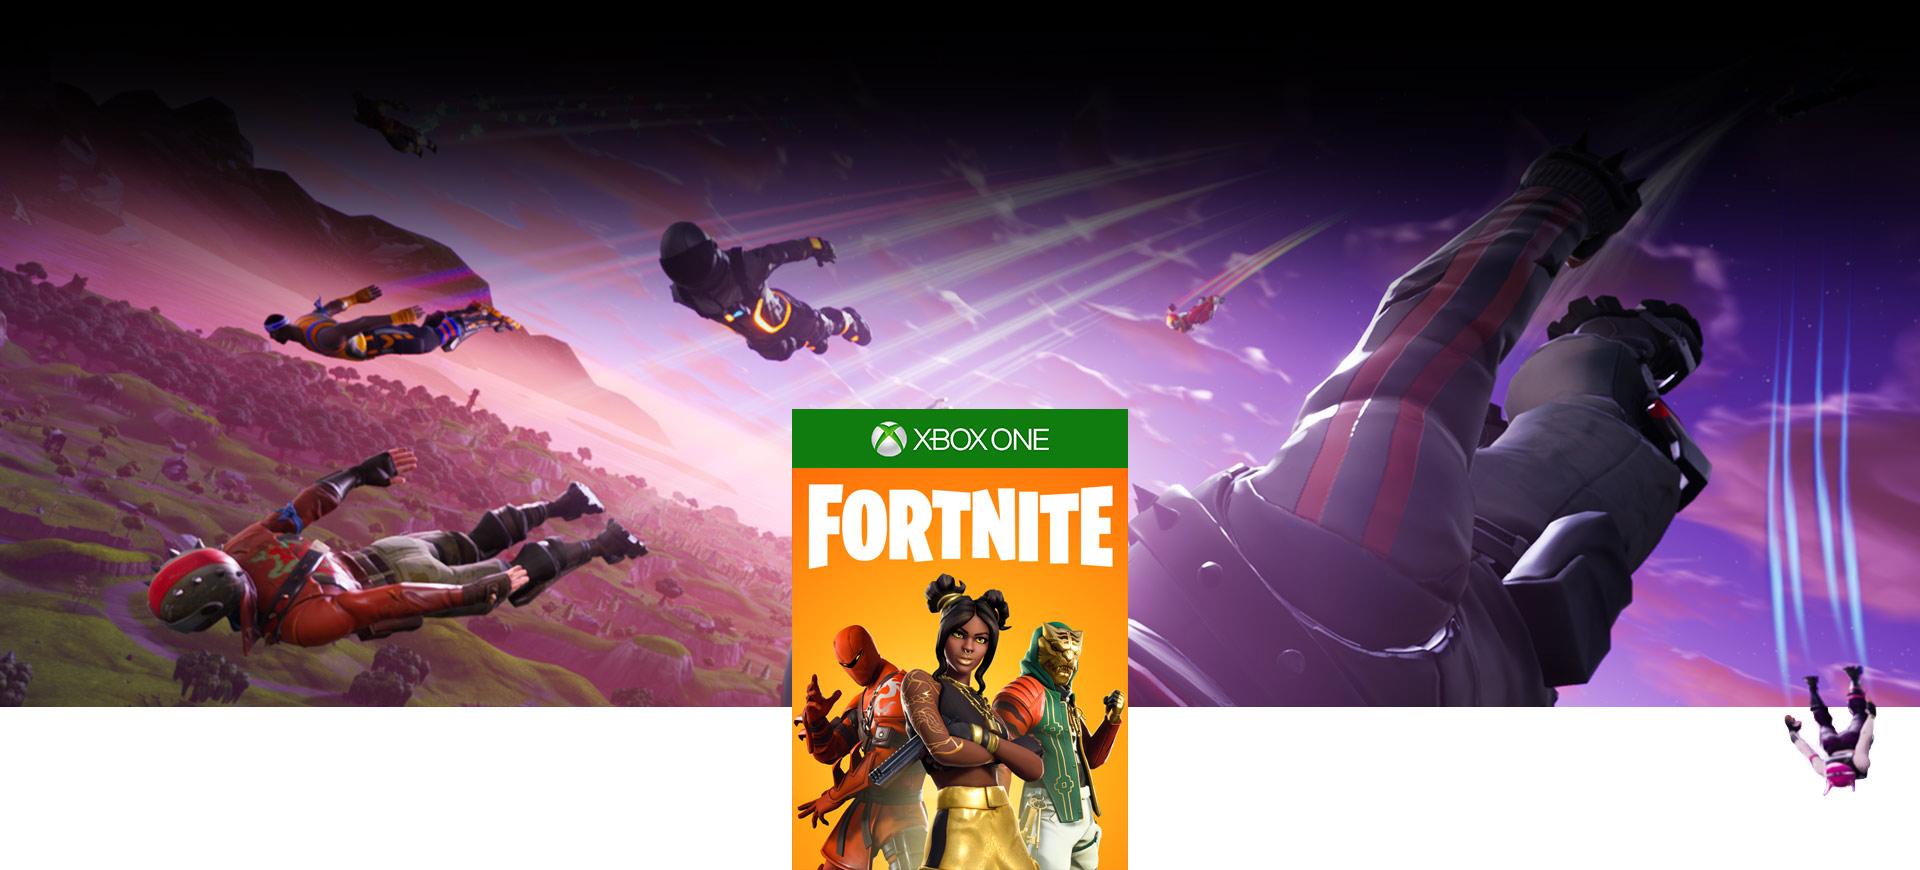 Fortnite-coverbilde, Fortnite-karakterer som skydiver